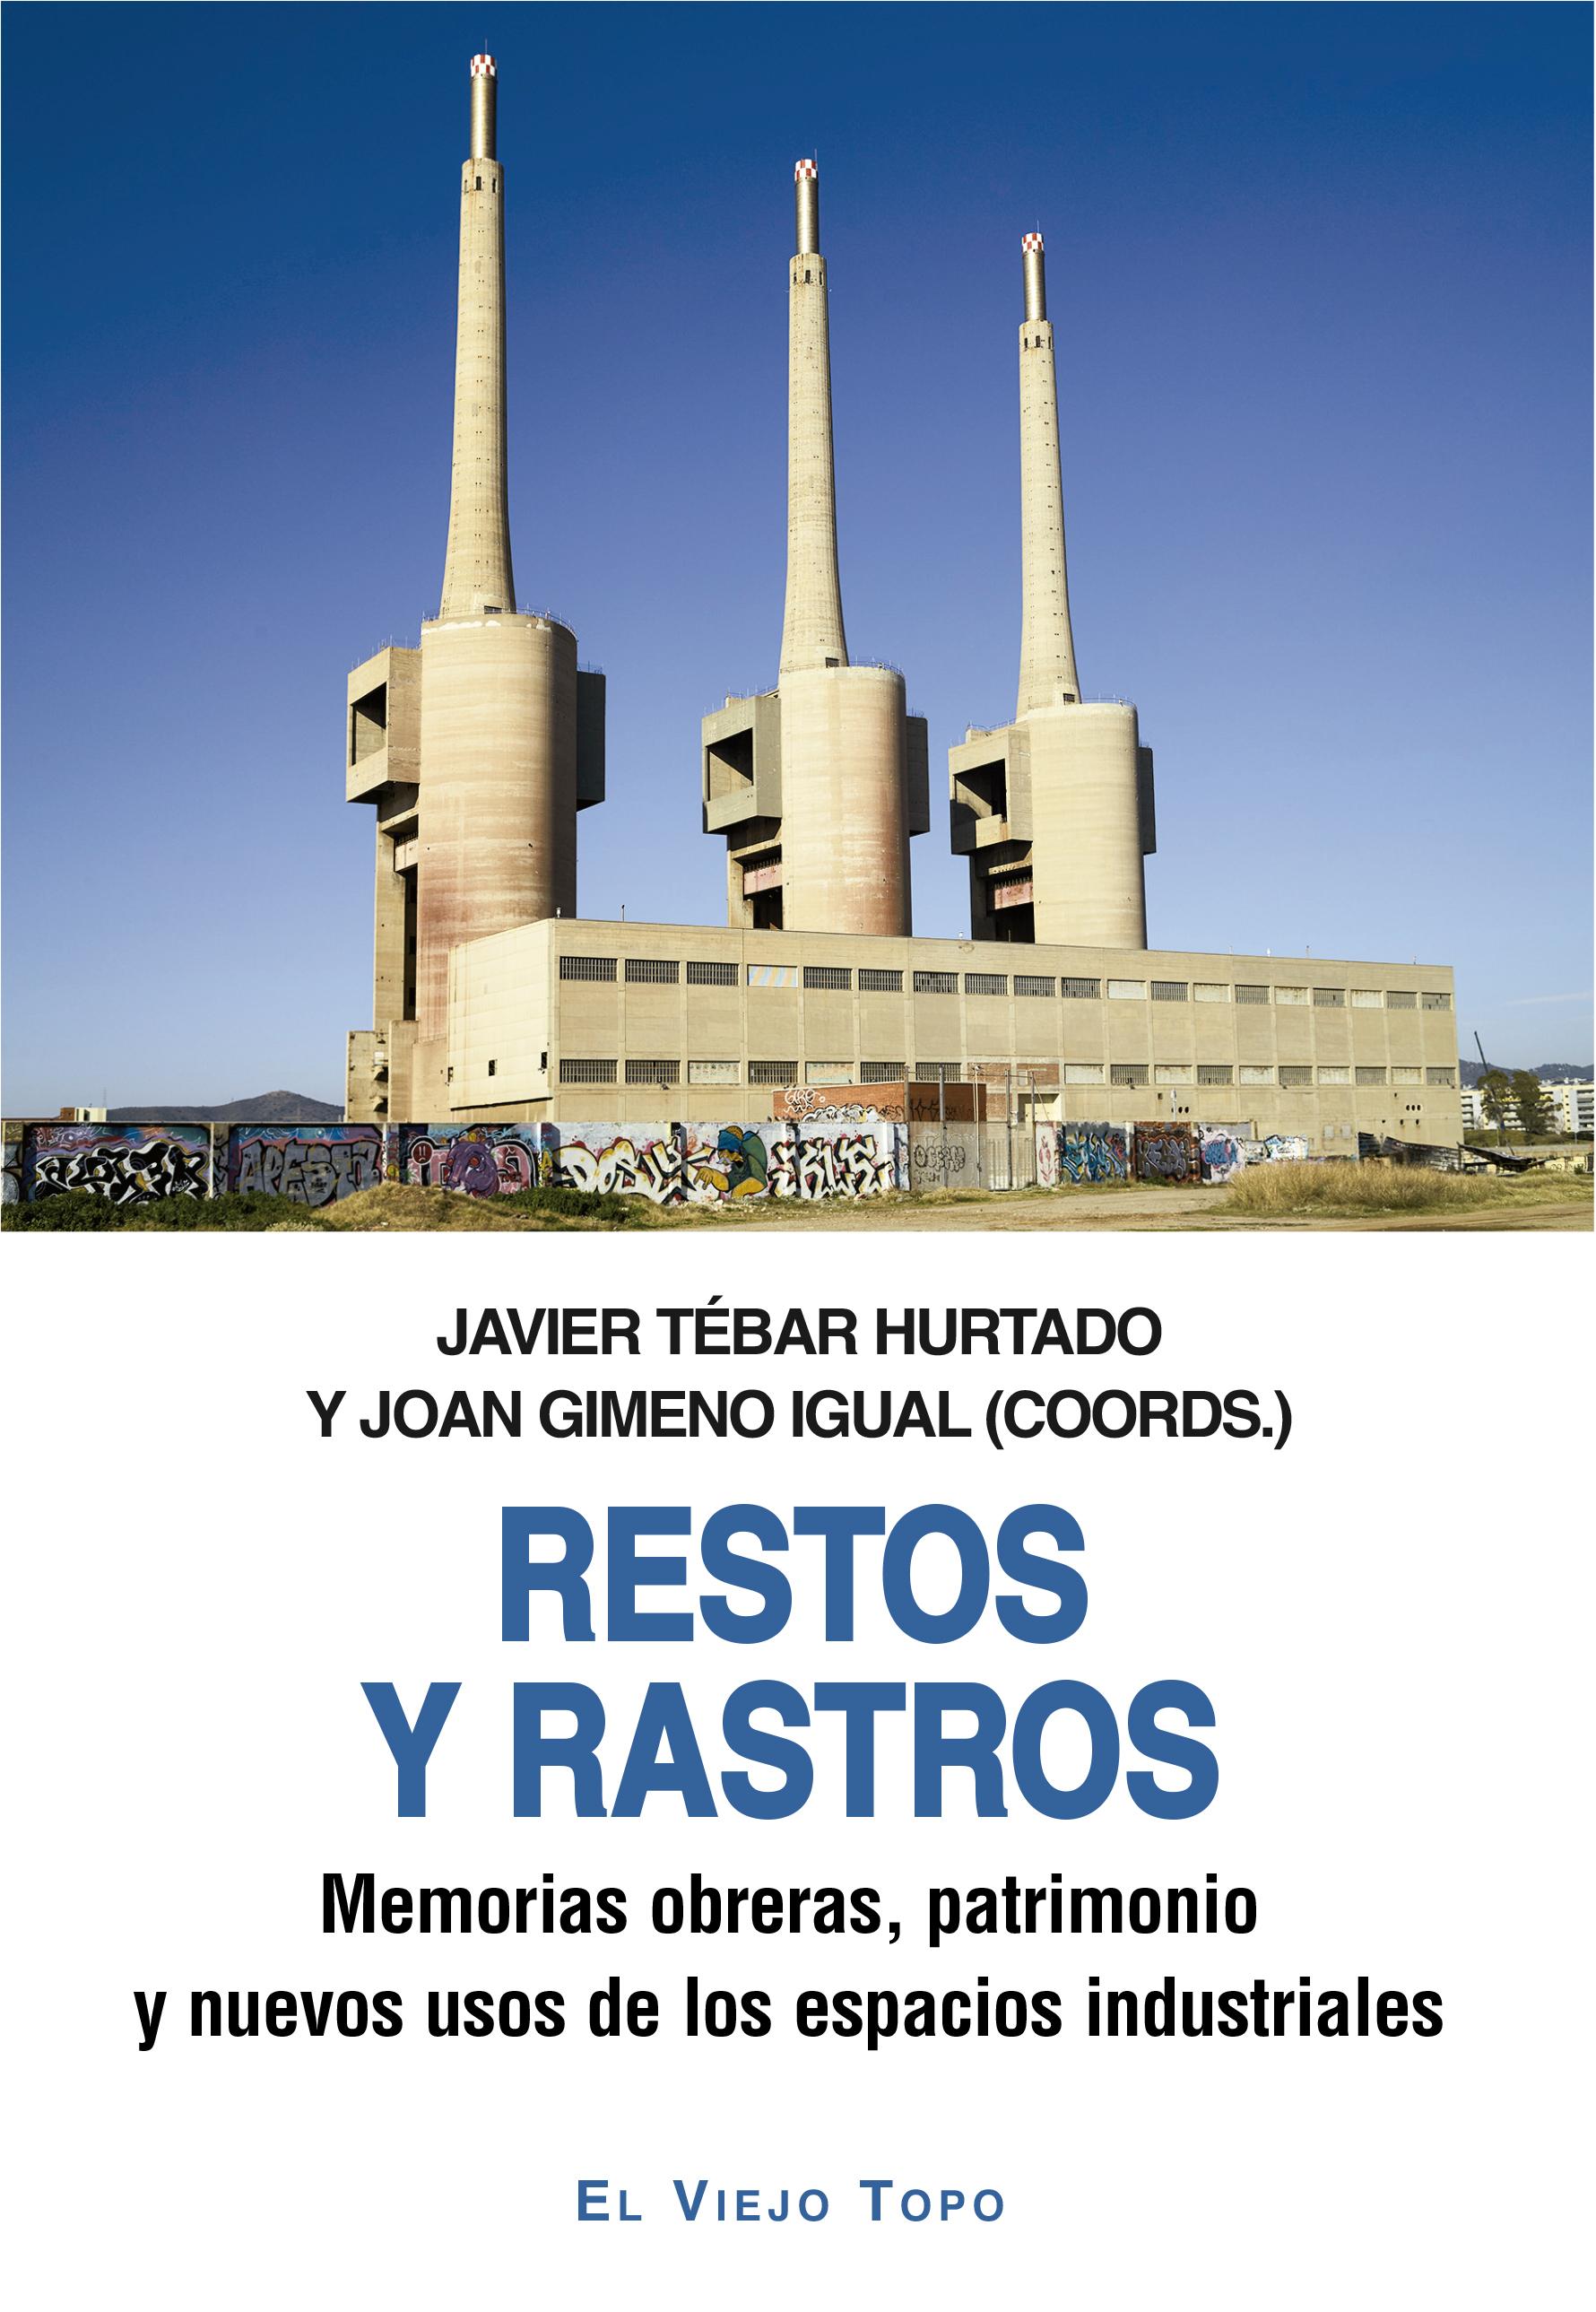 Restos y rastros   «Memorias obreras, patrimonio y nuevos usos de los espacios industriales»